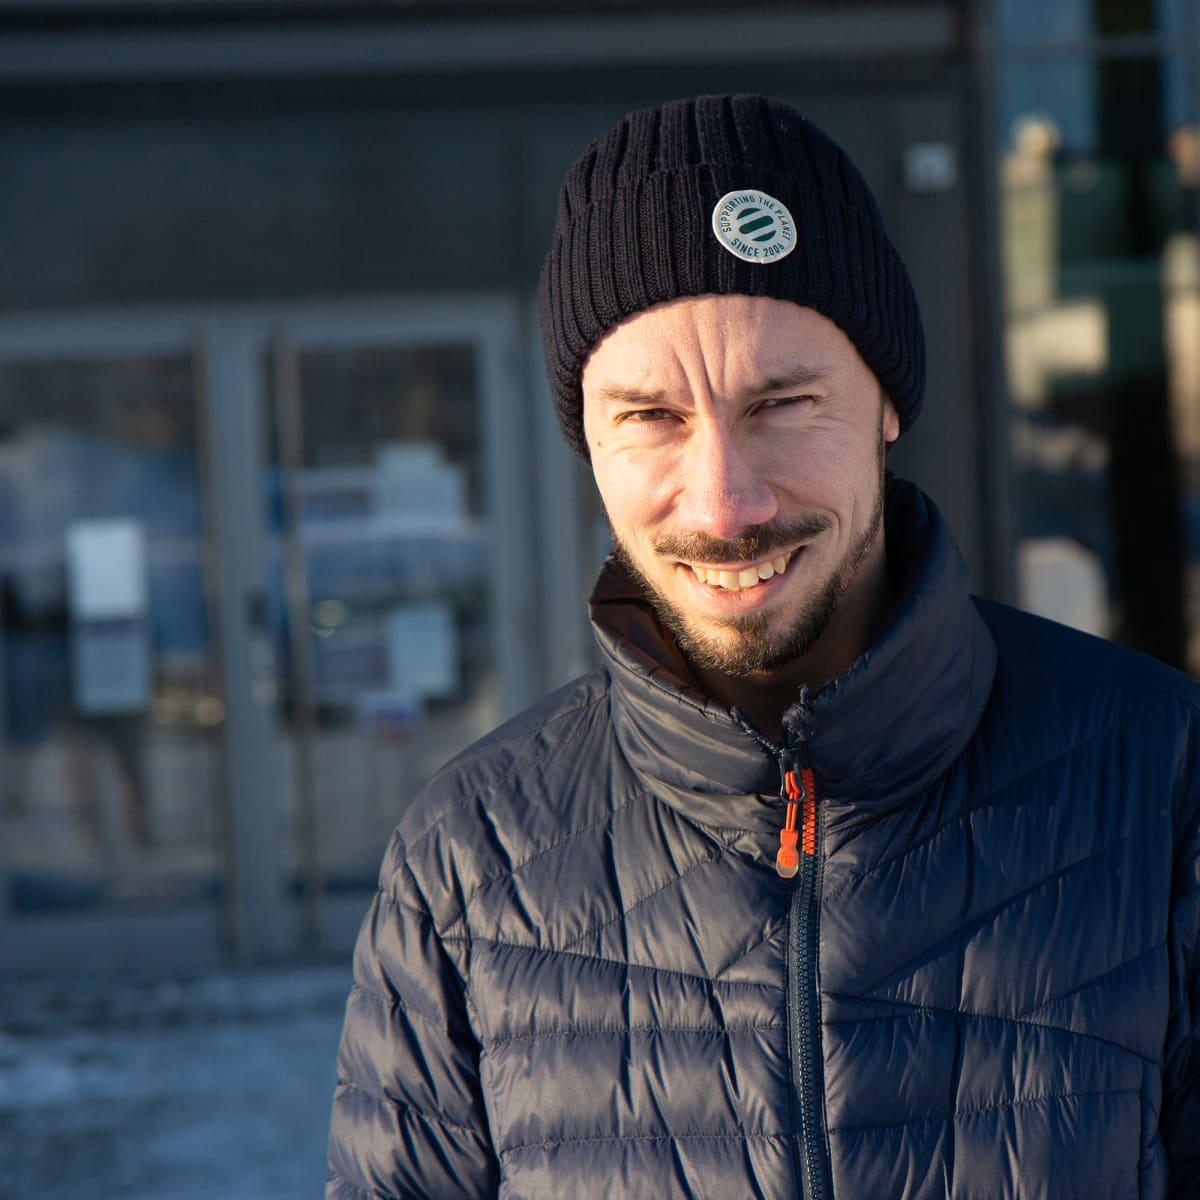 Tampereen yliopistollisen sairaalan geriatrian professori, ylilääkäri Esa Jämsen hymyilee henkilökuvassa.